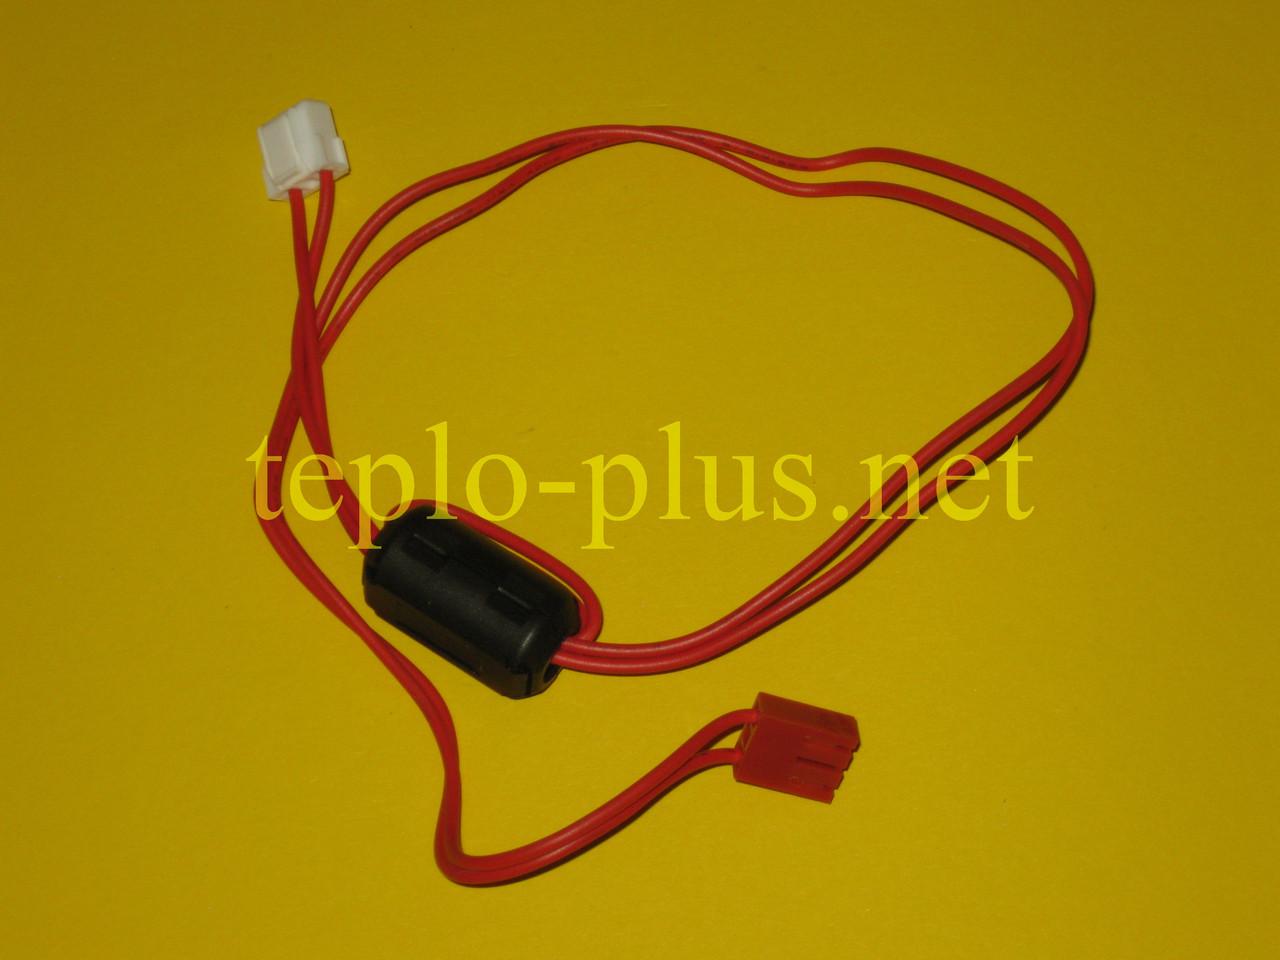 Провод соединительный трансформатора розжига DWG-7900 Daewoo Gasboiler DGB-100, 130, 160, 200 ICH/MSC/MES